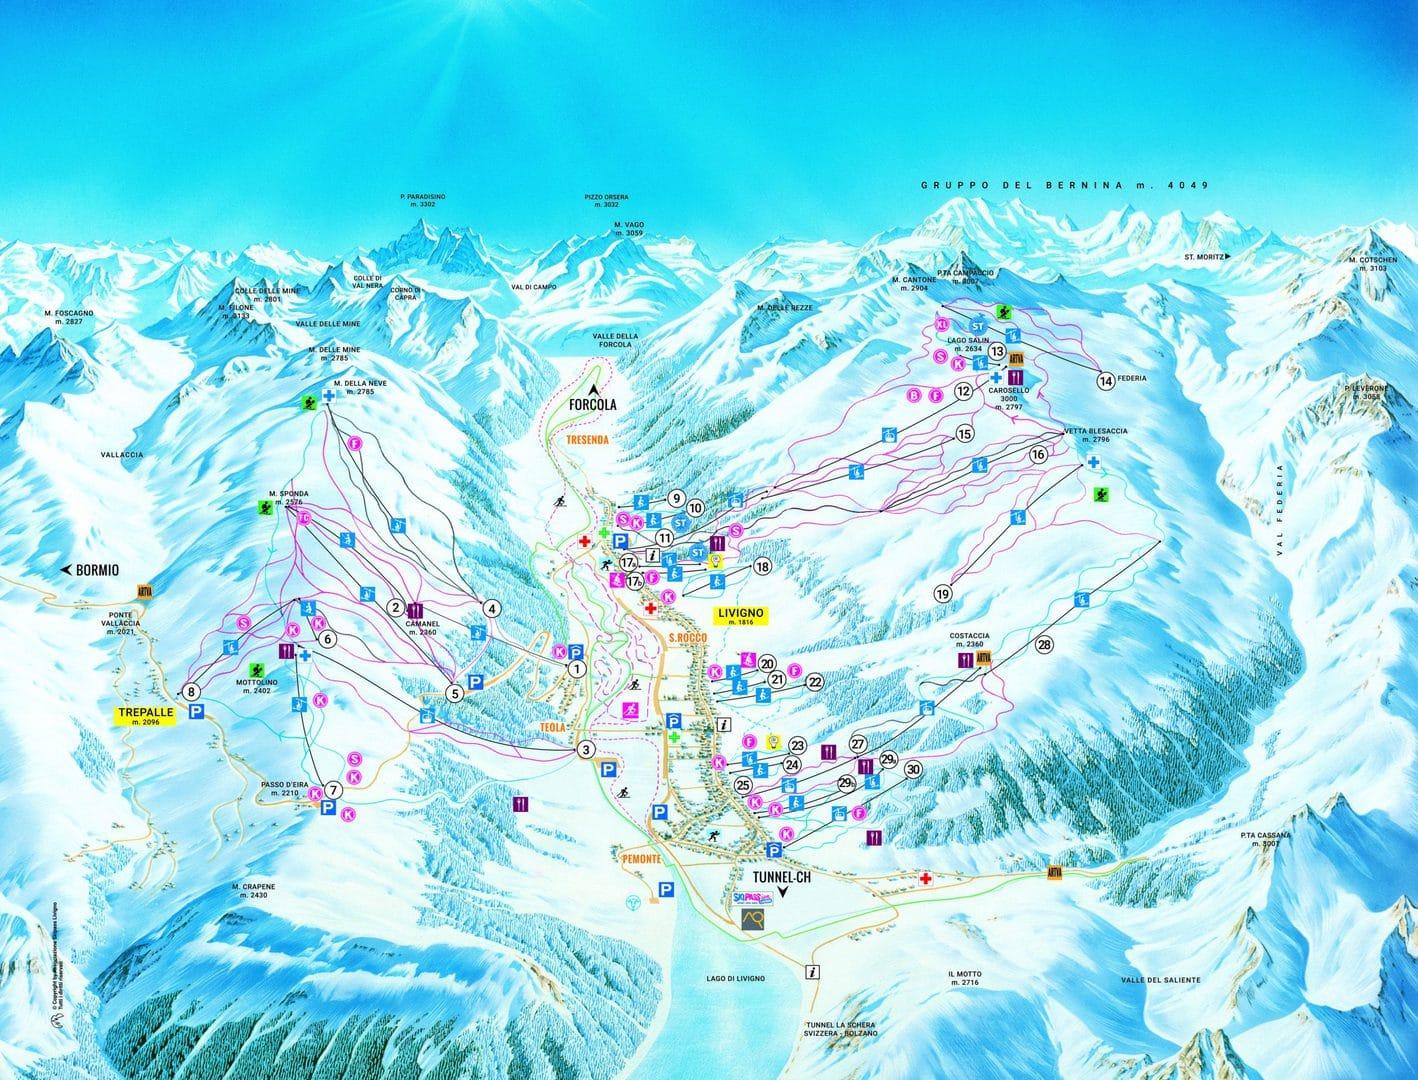 mappa della skiarea di livigno